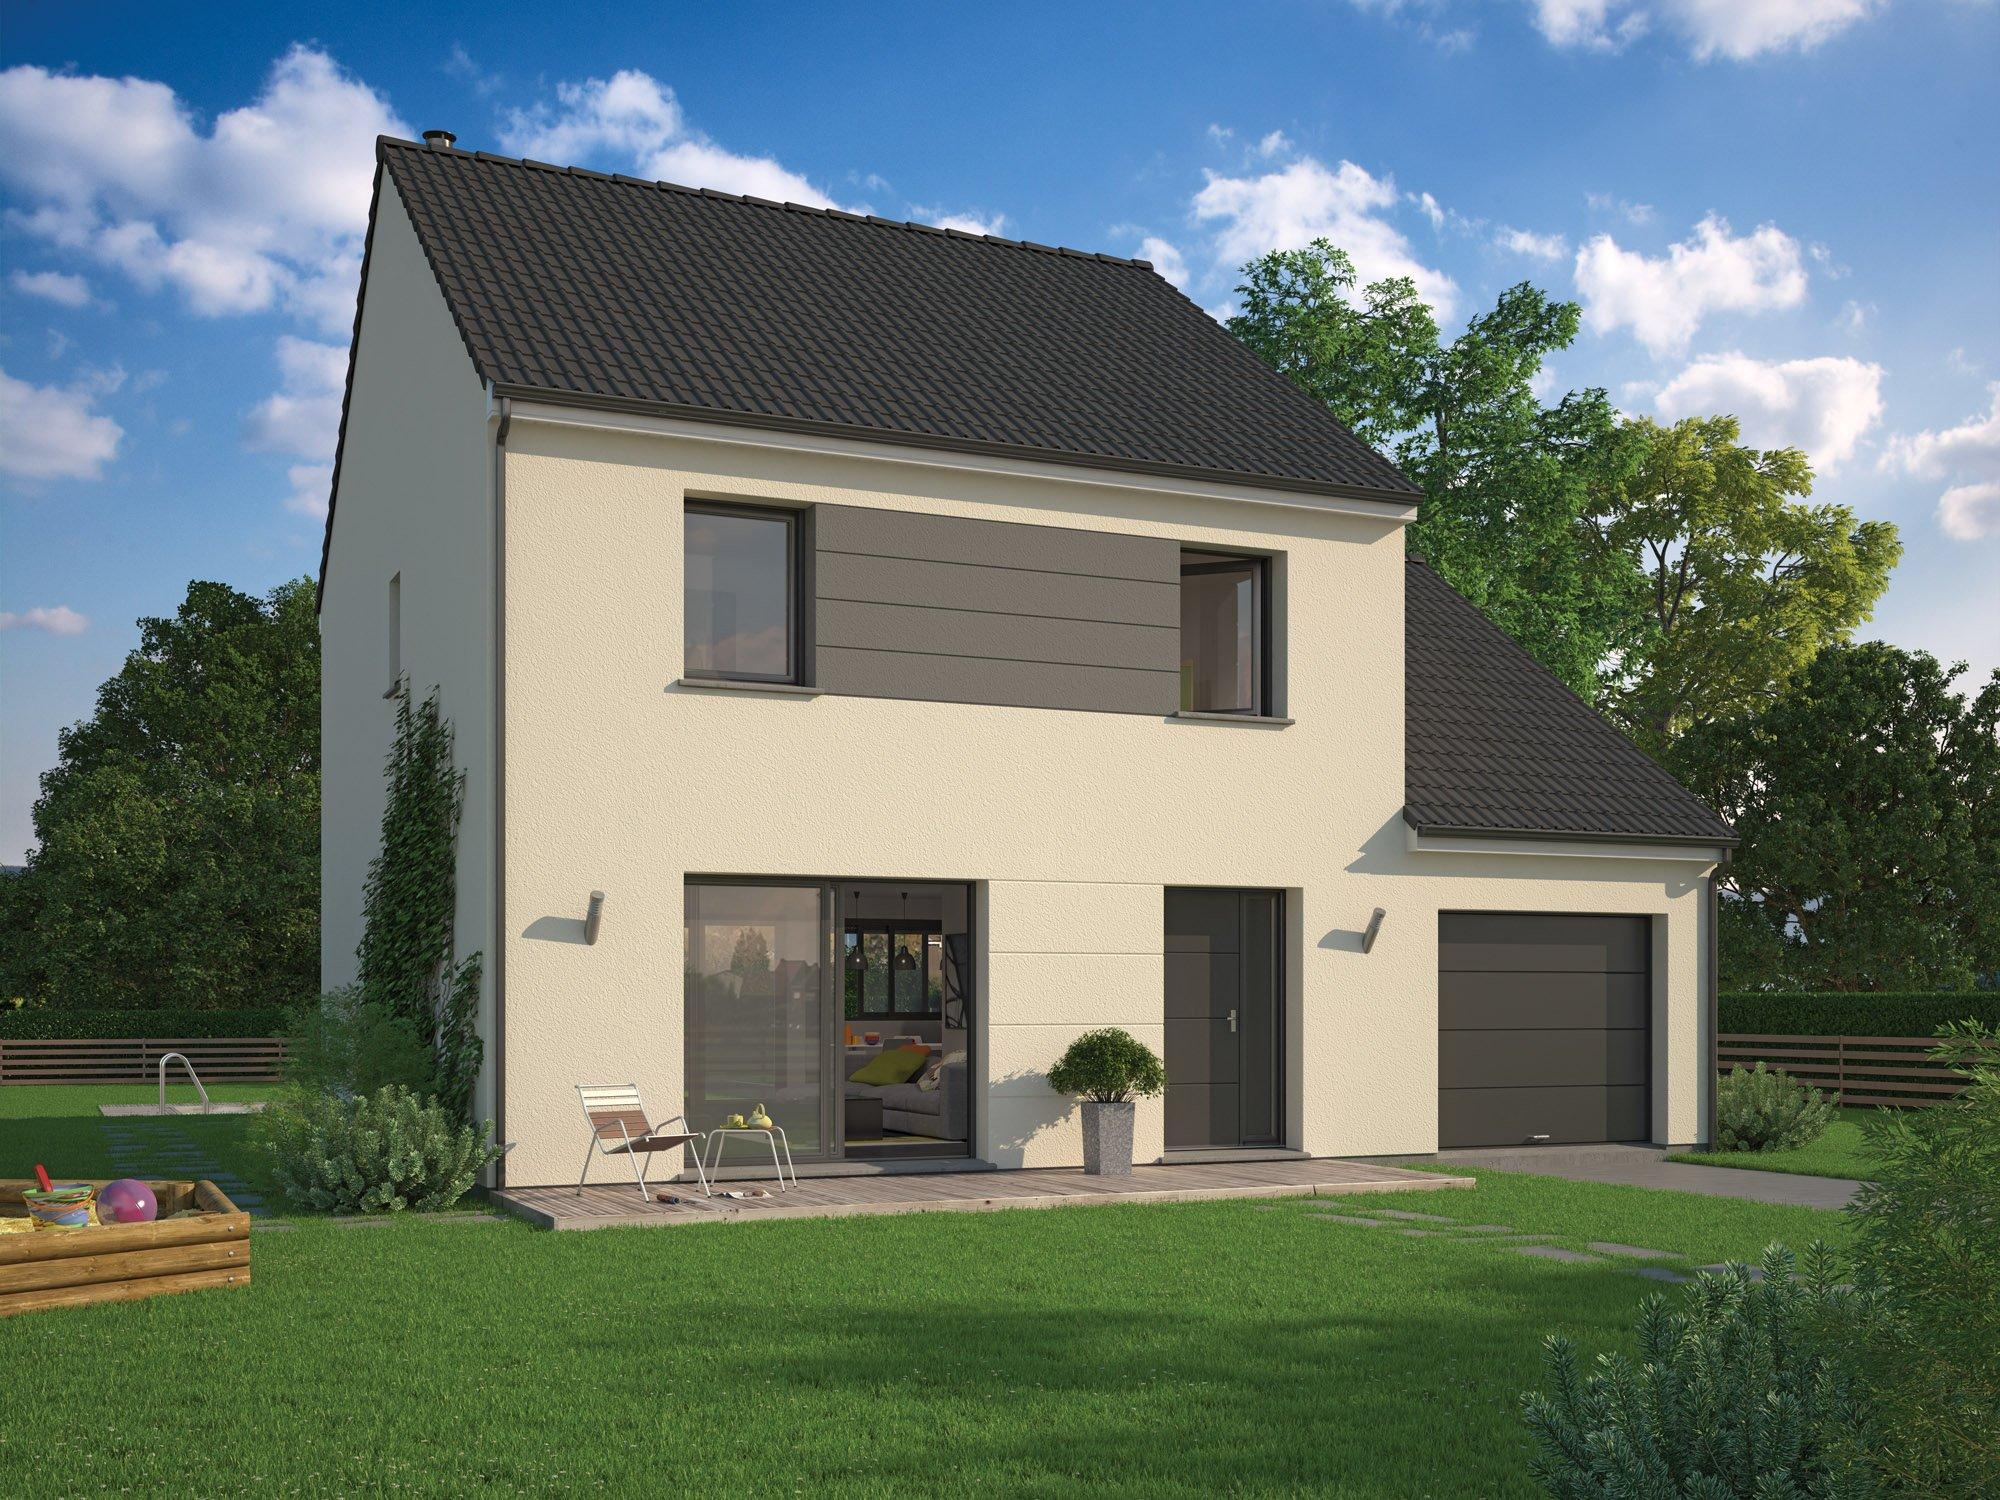 Maisons + Terrains du constructeur MAISON FAMILIALE • 128 m² • SARCELLES